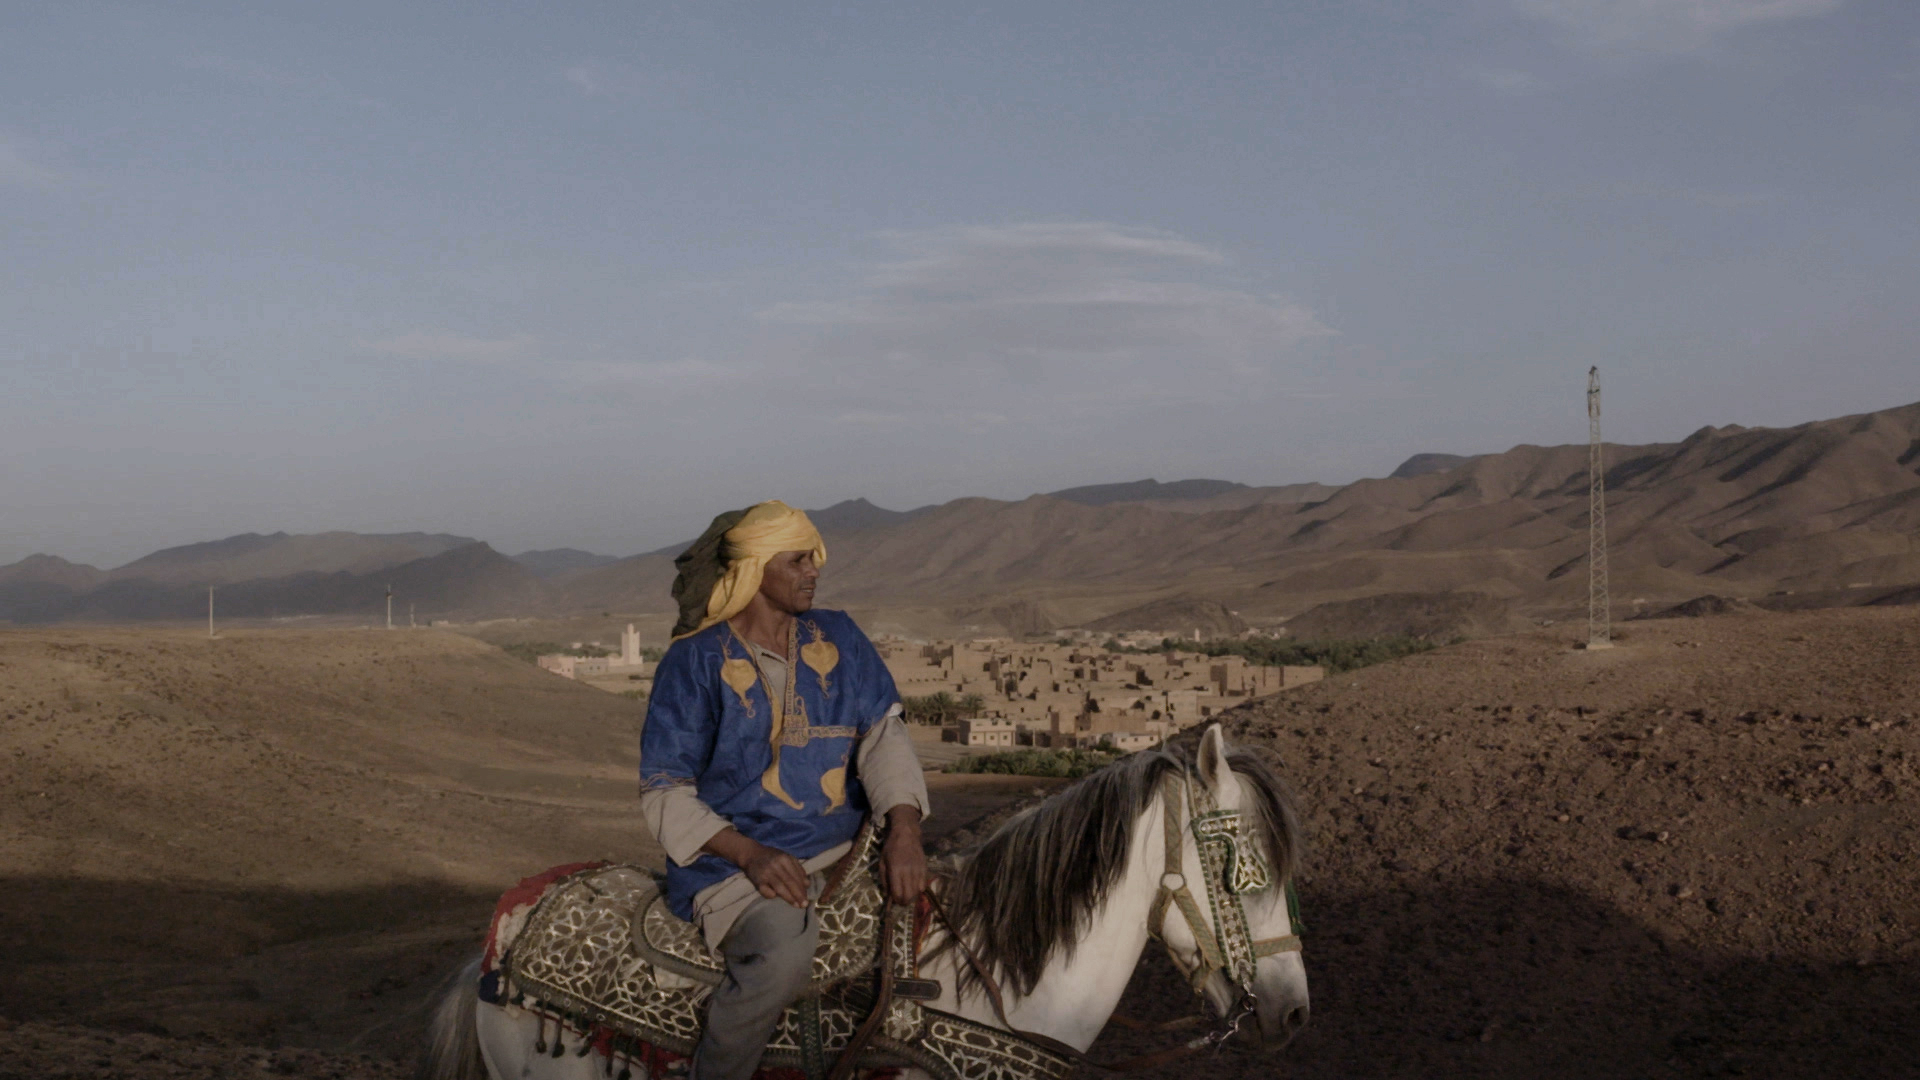 Man Rides. Igloo Hong, Morocco.